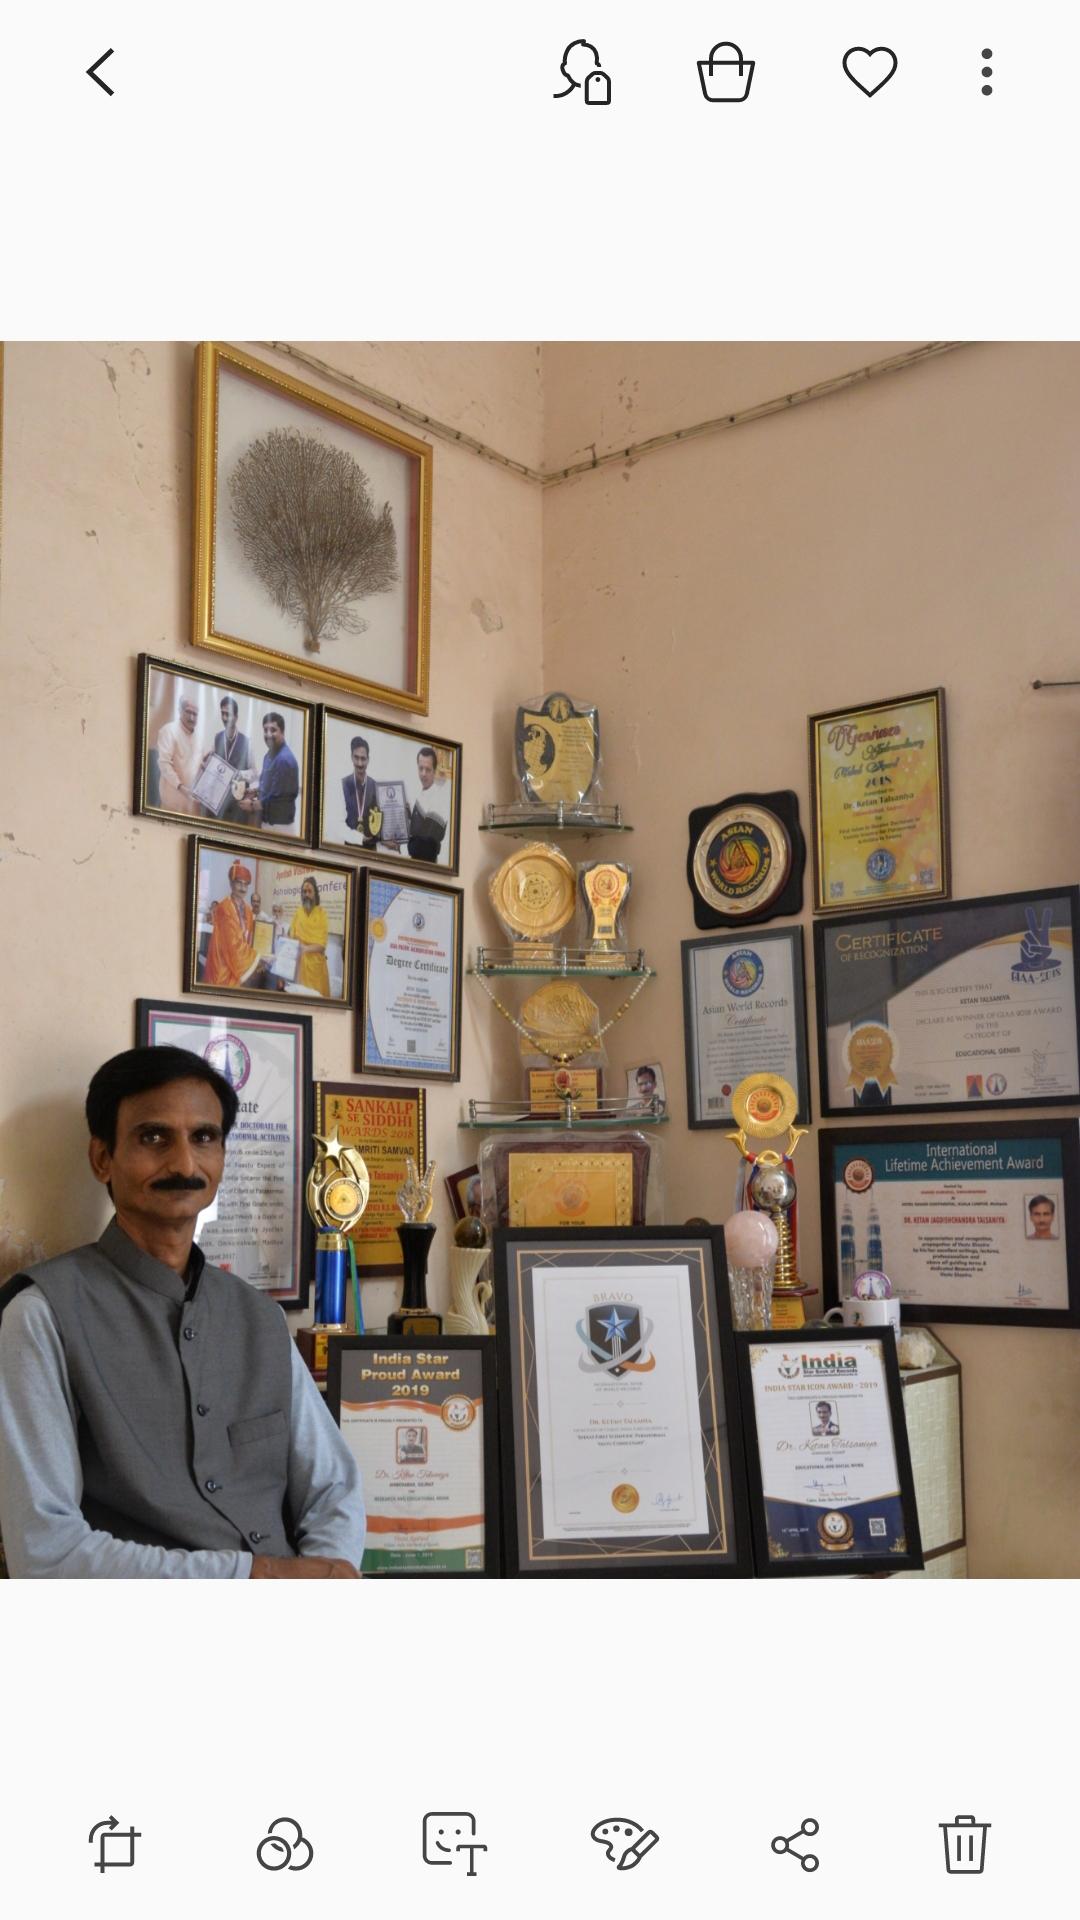 डॉ. केतन तलसाणीया की यात्रा निश्र्चय और दृढ संकल्प सहित विश्वास और बुलंद होसले की कथा है